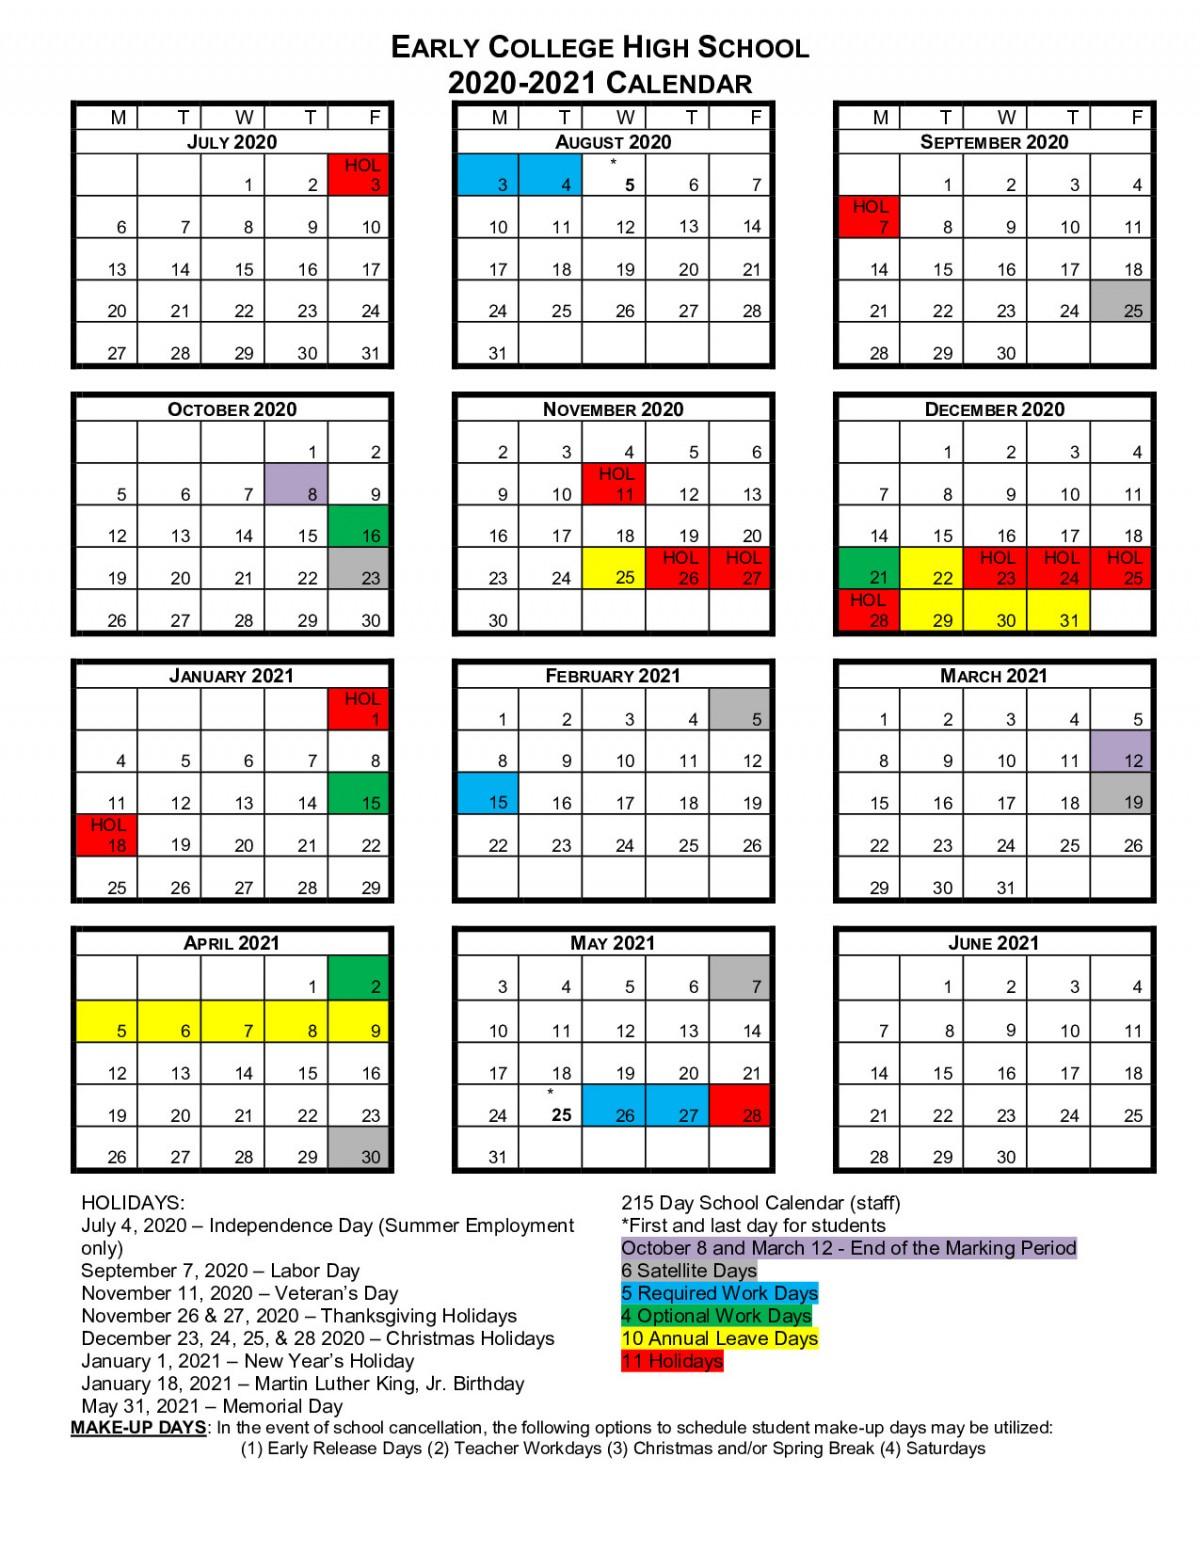 Bcs School Calendars | Beaufort County Schools With Regard To West Clark Community School Calendar 2021 20